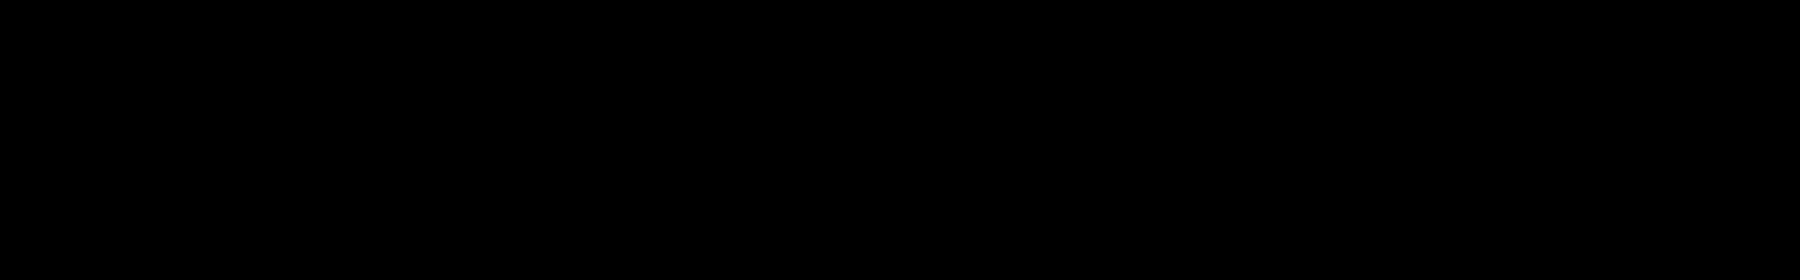 Star Trap audio waveform